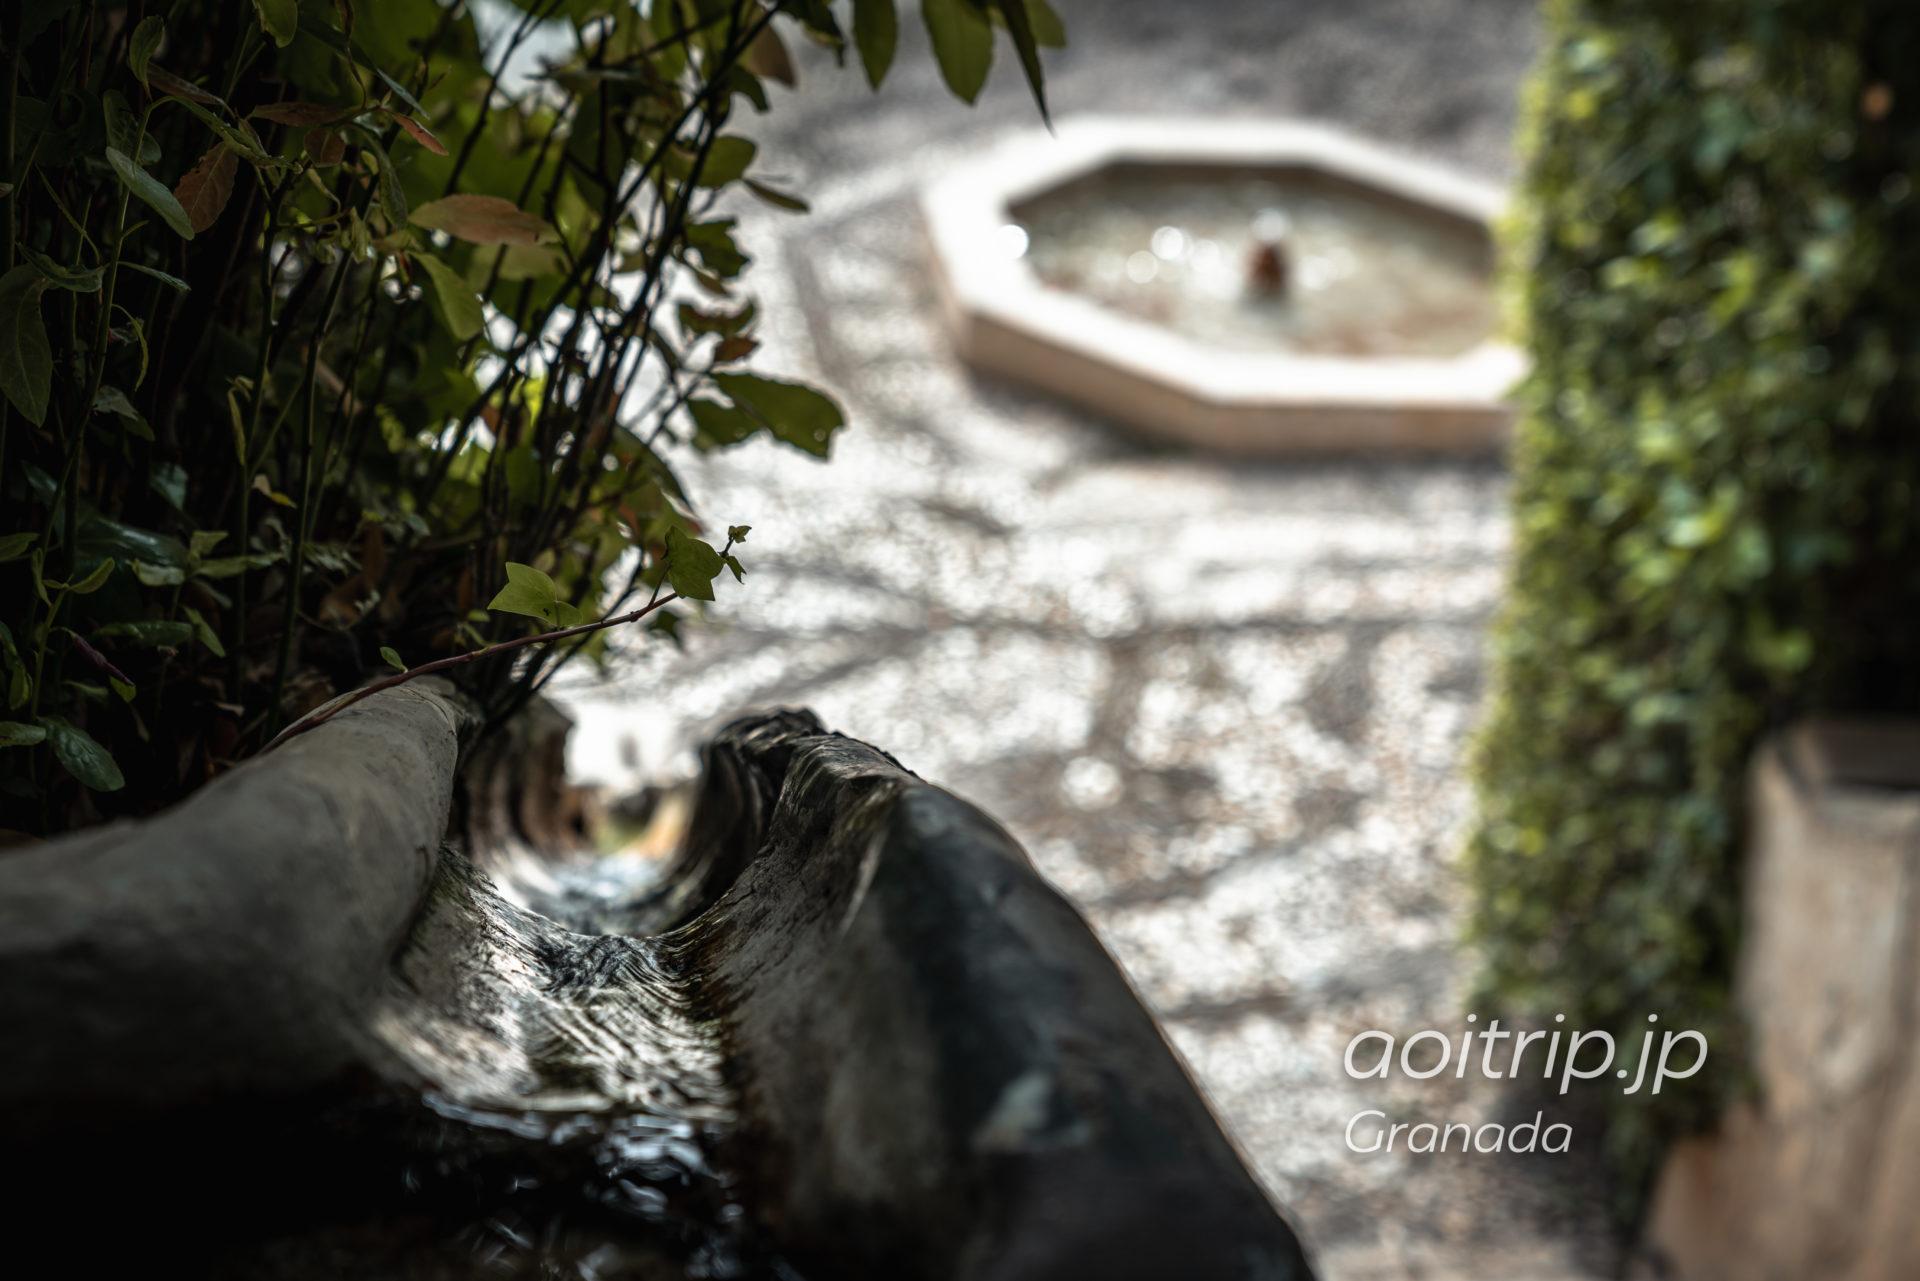 グラナダのアルハンブラ宮殿 ヘネラリフェの裏にある水の階段